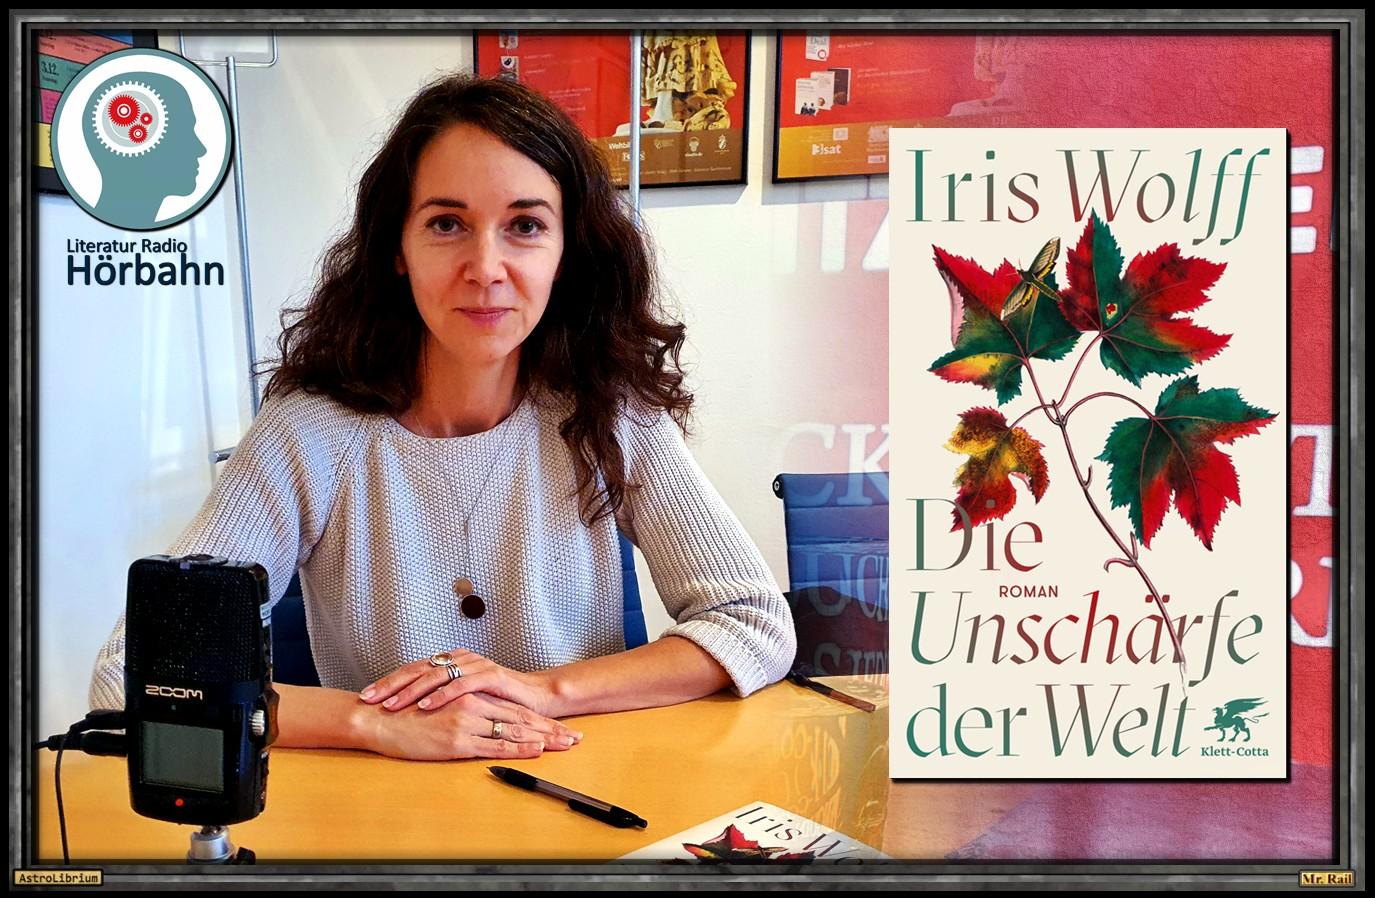 Die Unschärfe der Welt von Iris Wolff - Das Interview - AstroLibrium